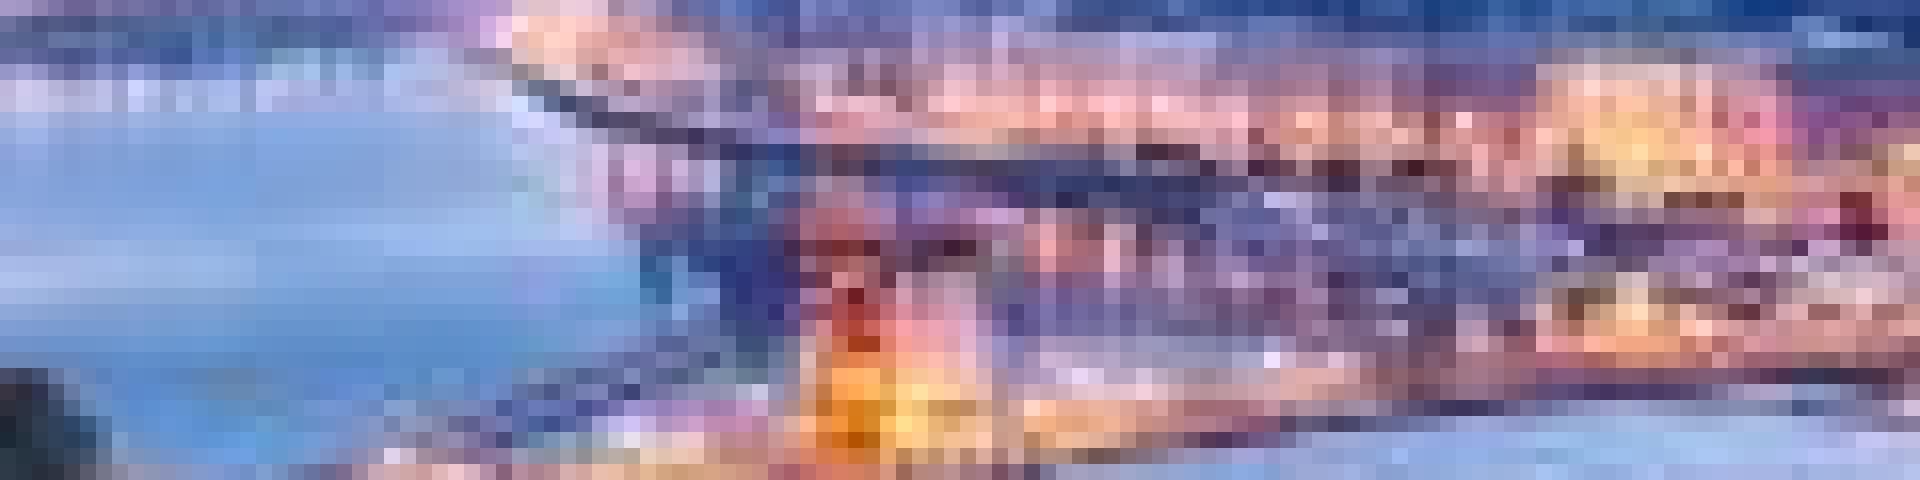 Авиабилеты в Будапешт: лучшие прямые рейсы из Москвы и Петербурга